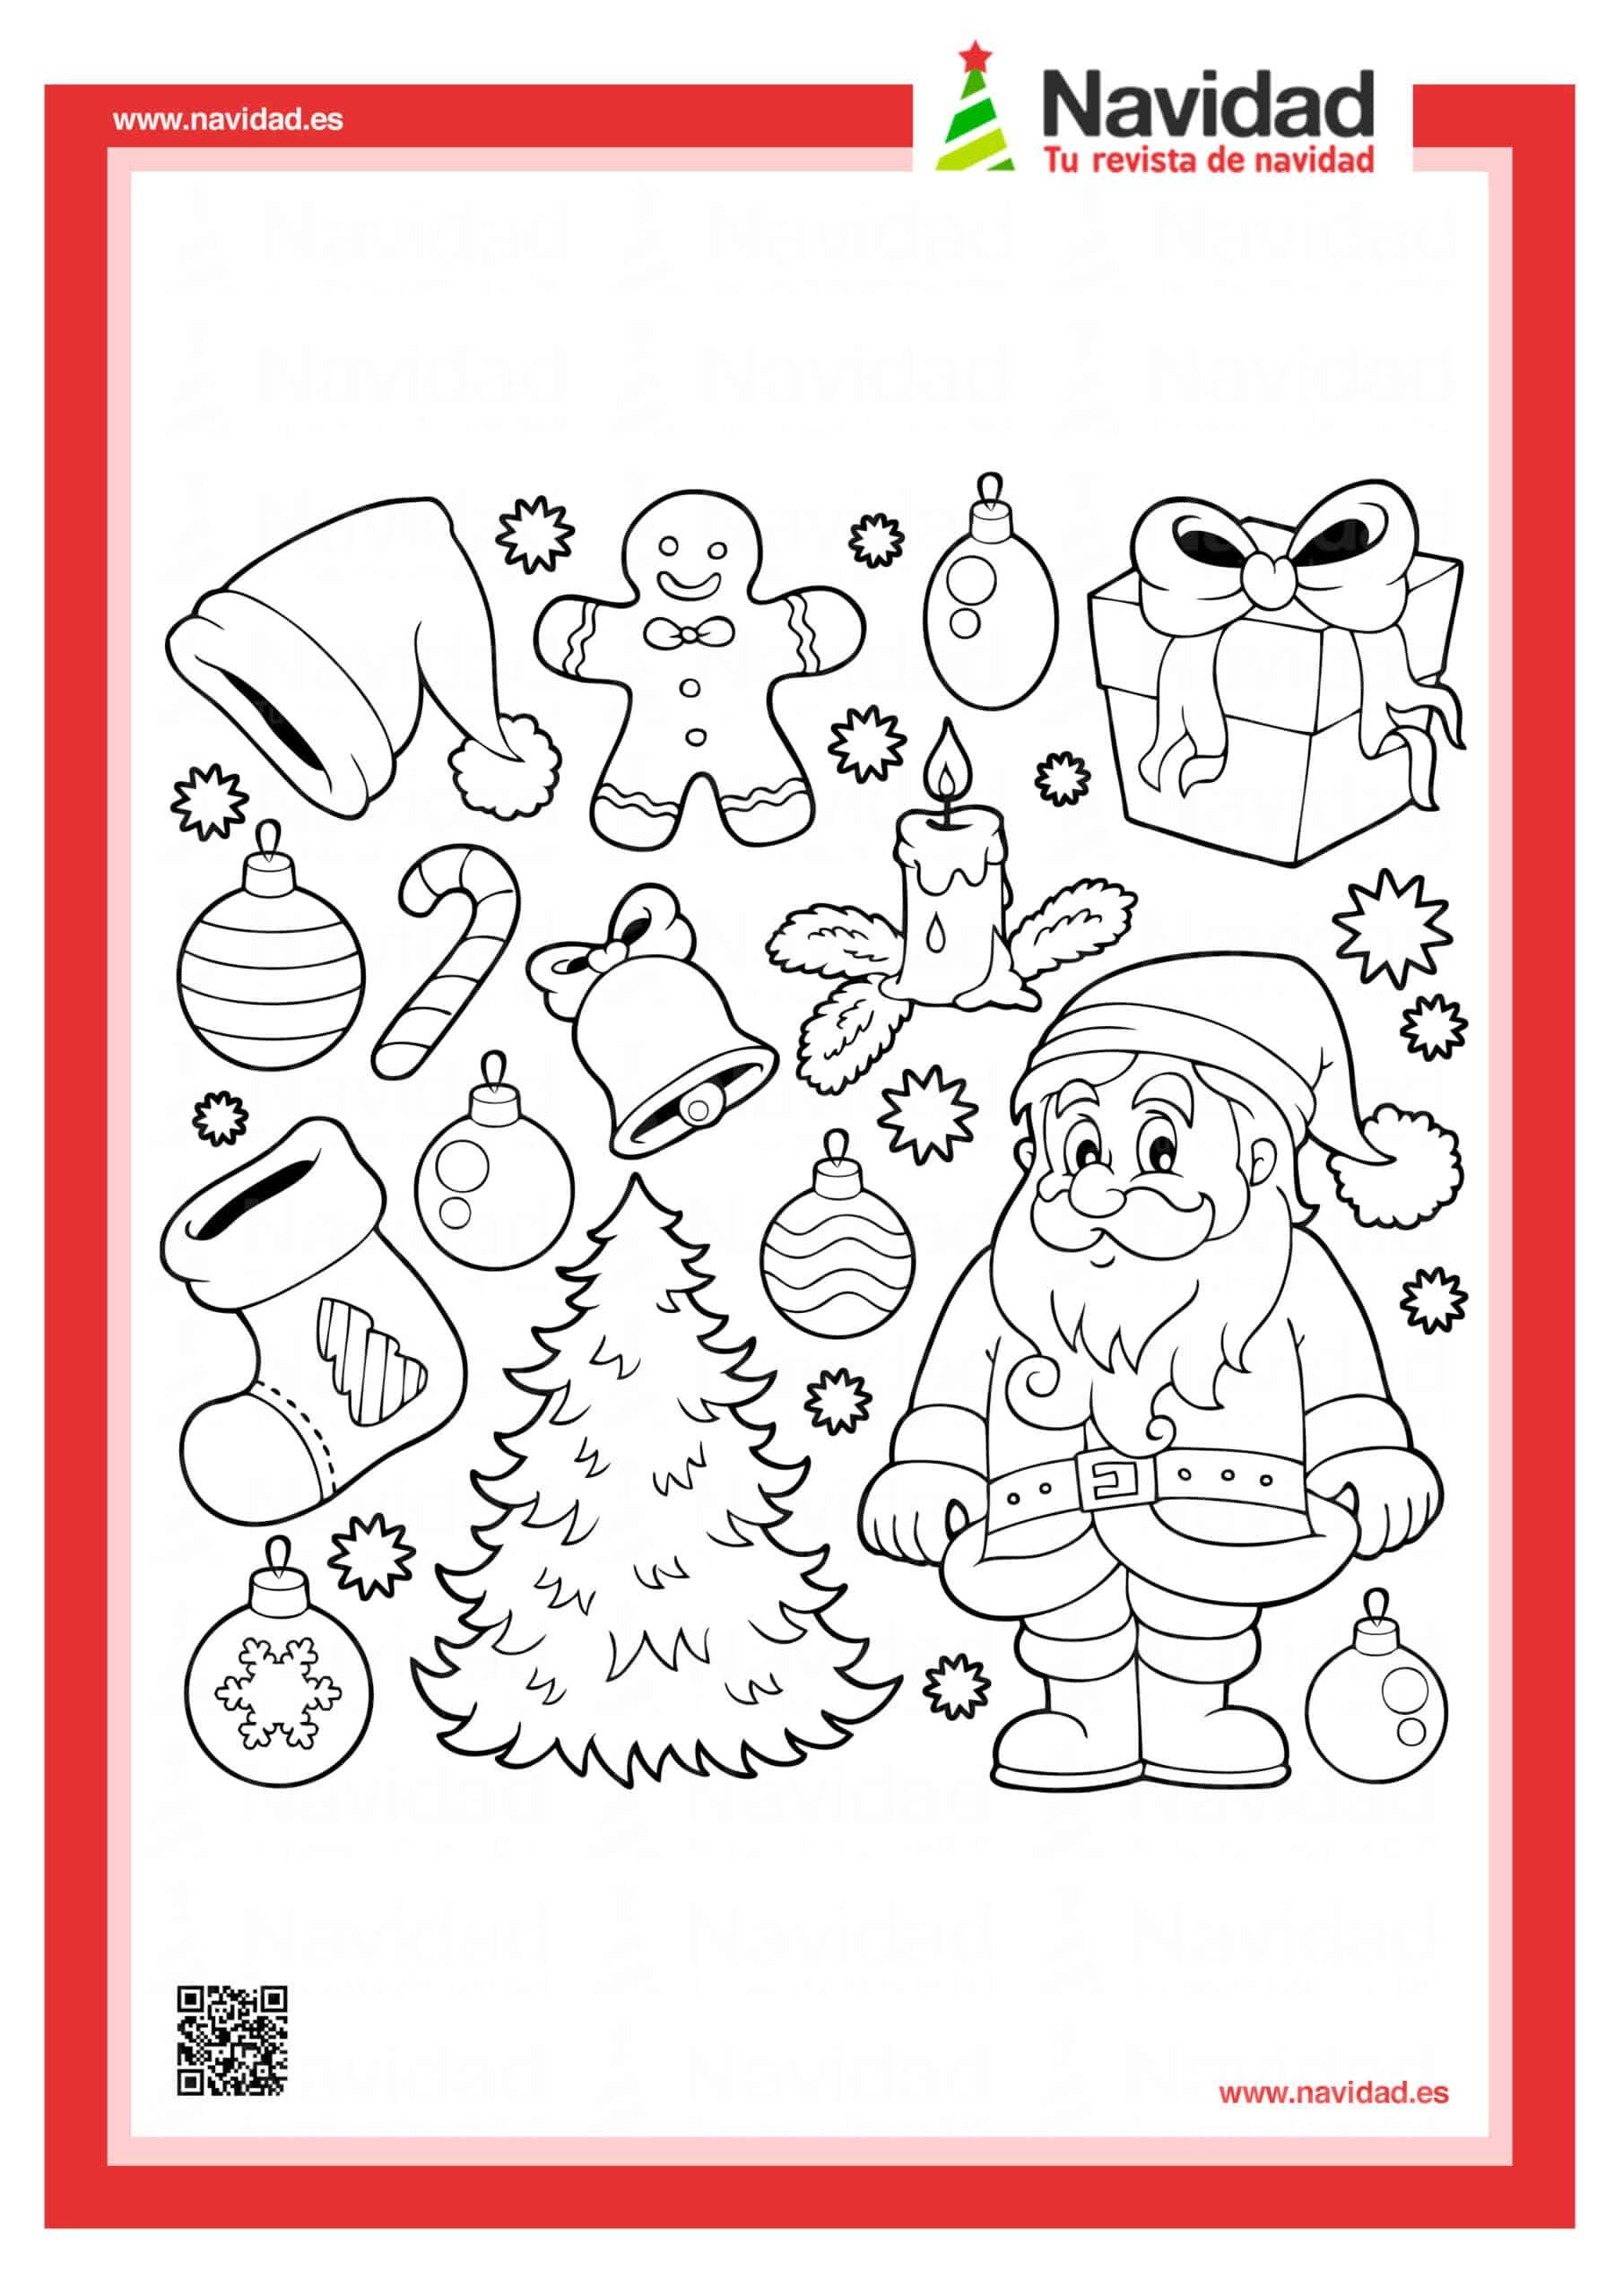 10 dibujos de Papá Noel para colorear con los más pequeños de la casa 1